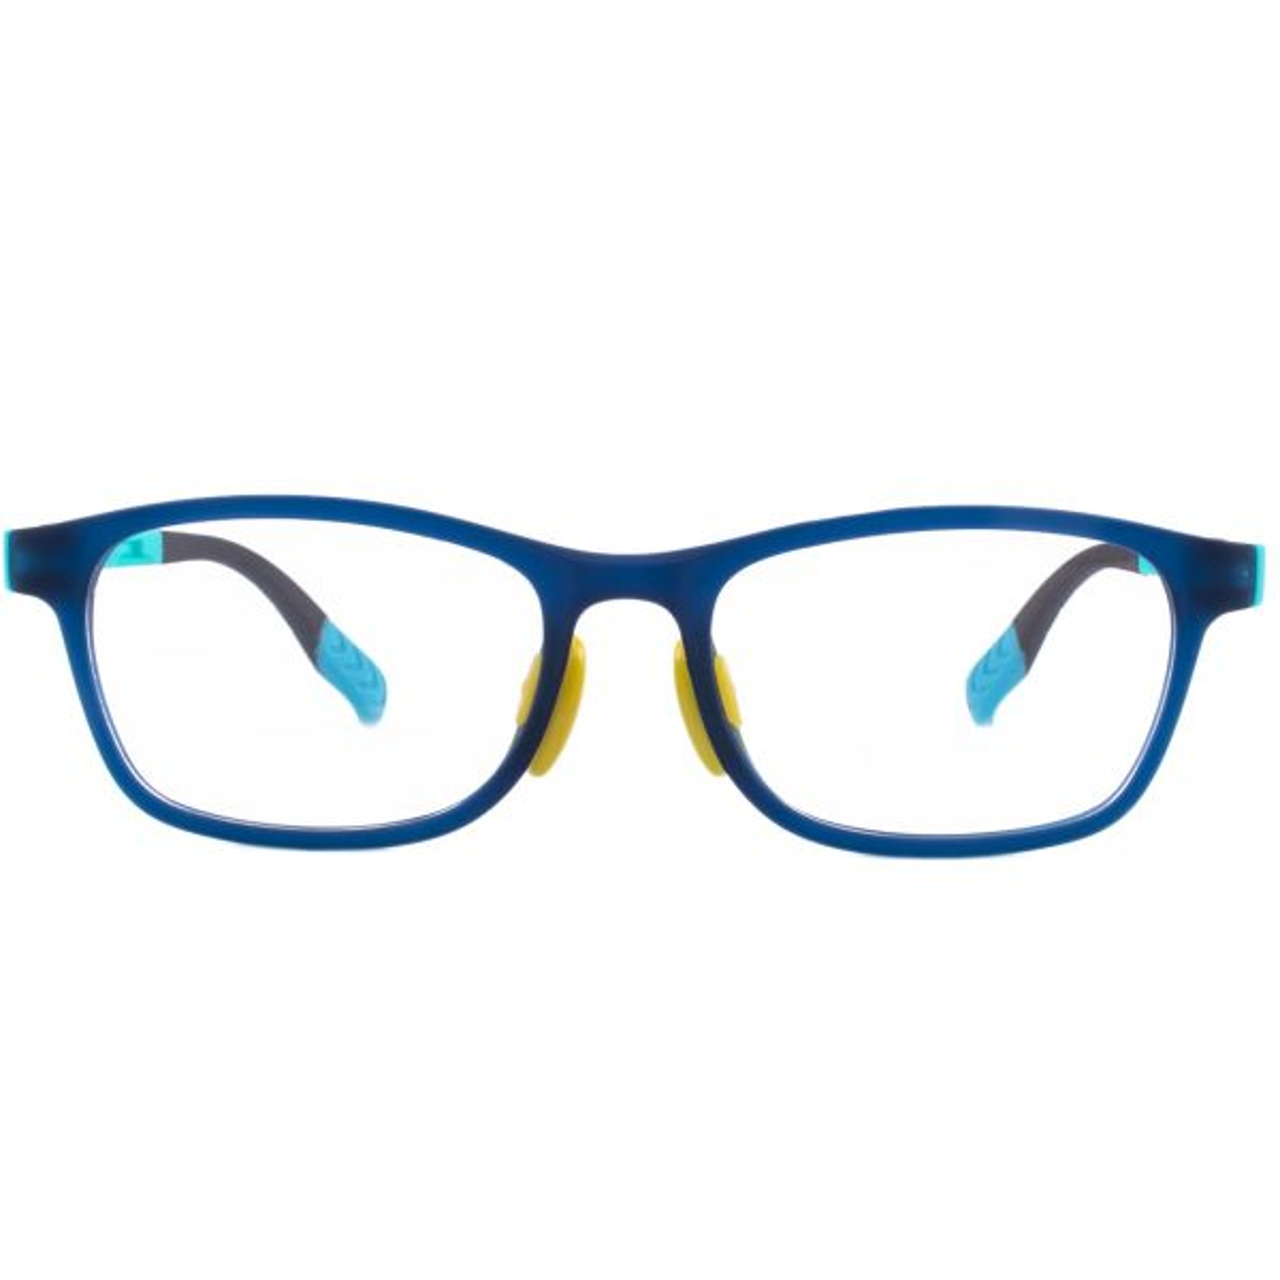 فریم عینک بچگانه واته مدل 2105C3